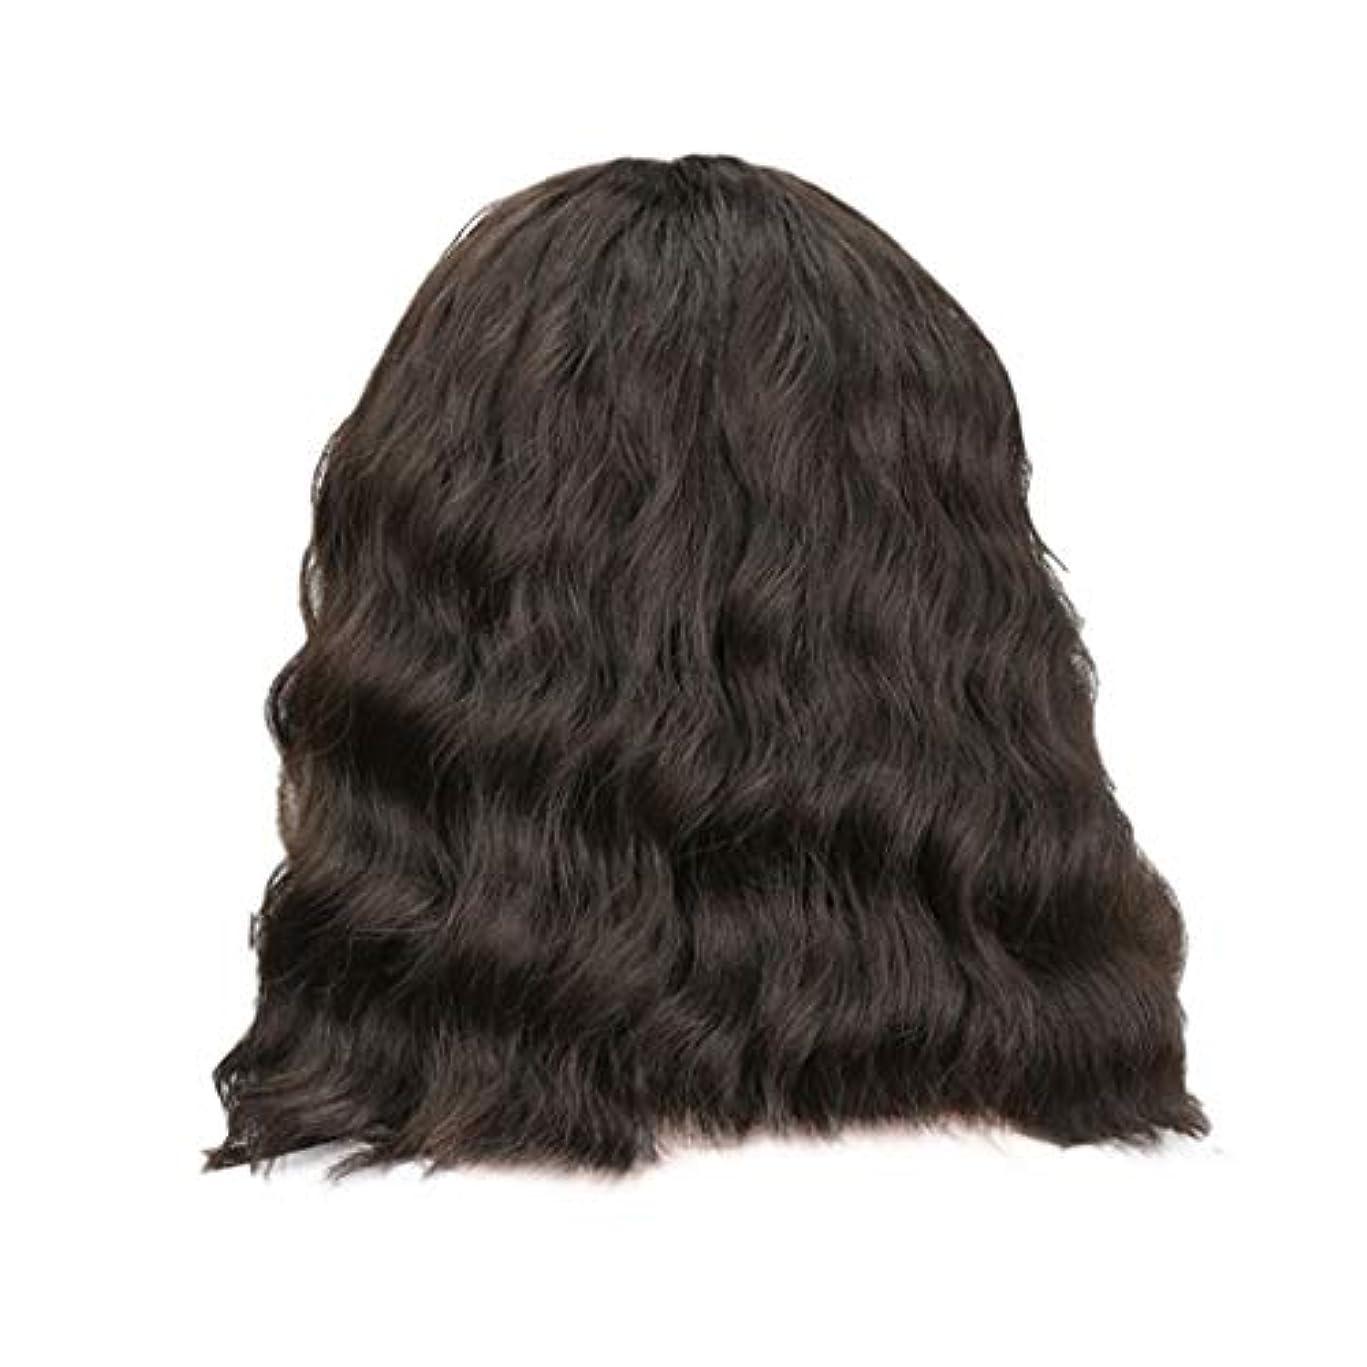 鑑定ビタミン期待して女性の黒の短い巻き毛のかつらボブ波かつらローズネット34 cm